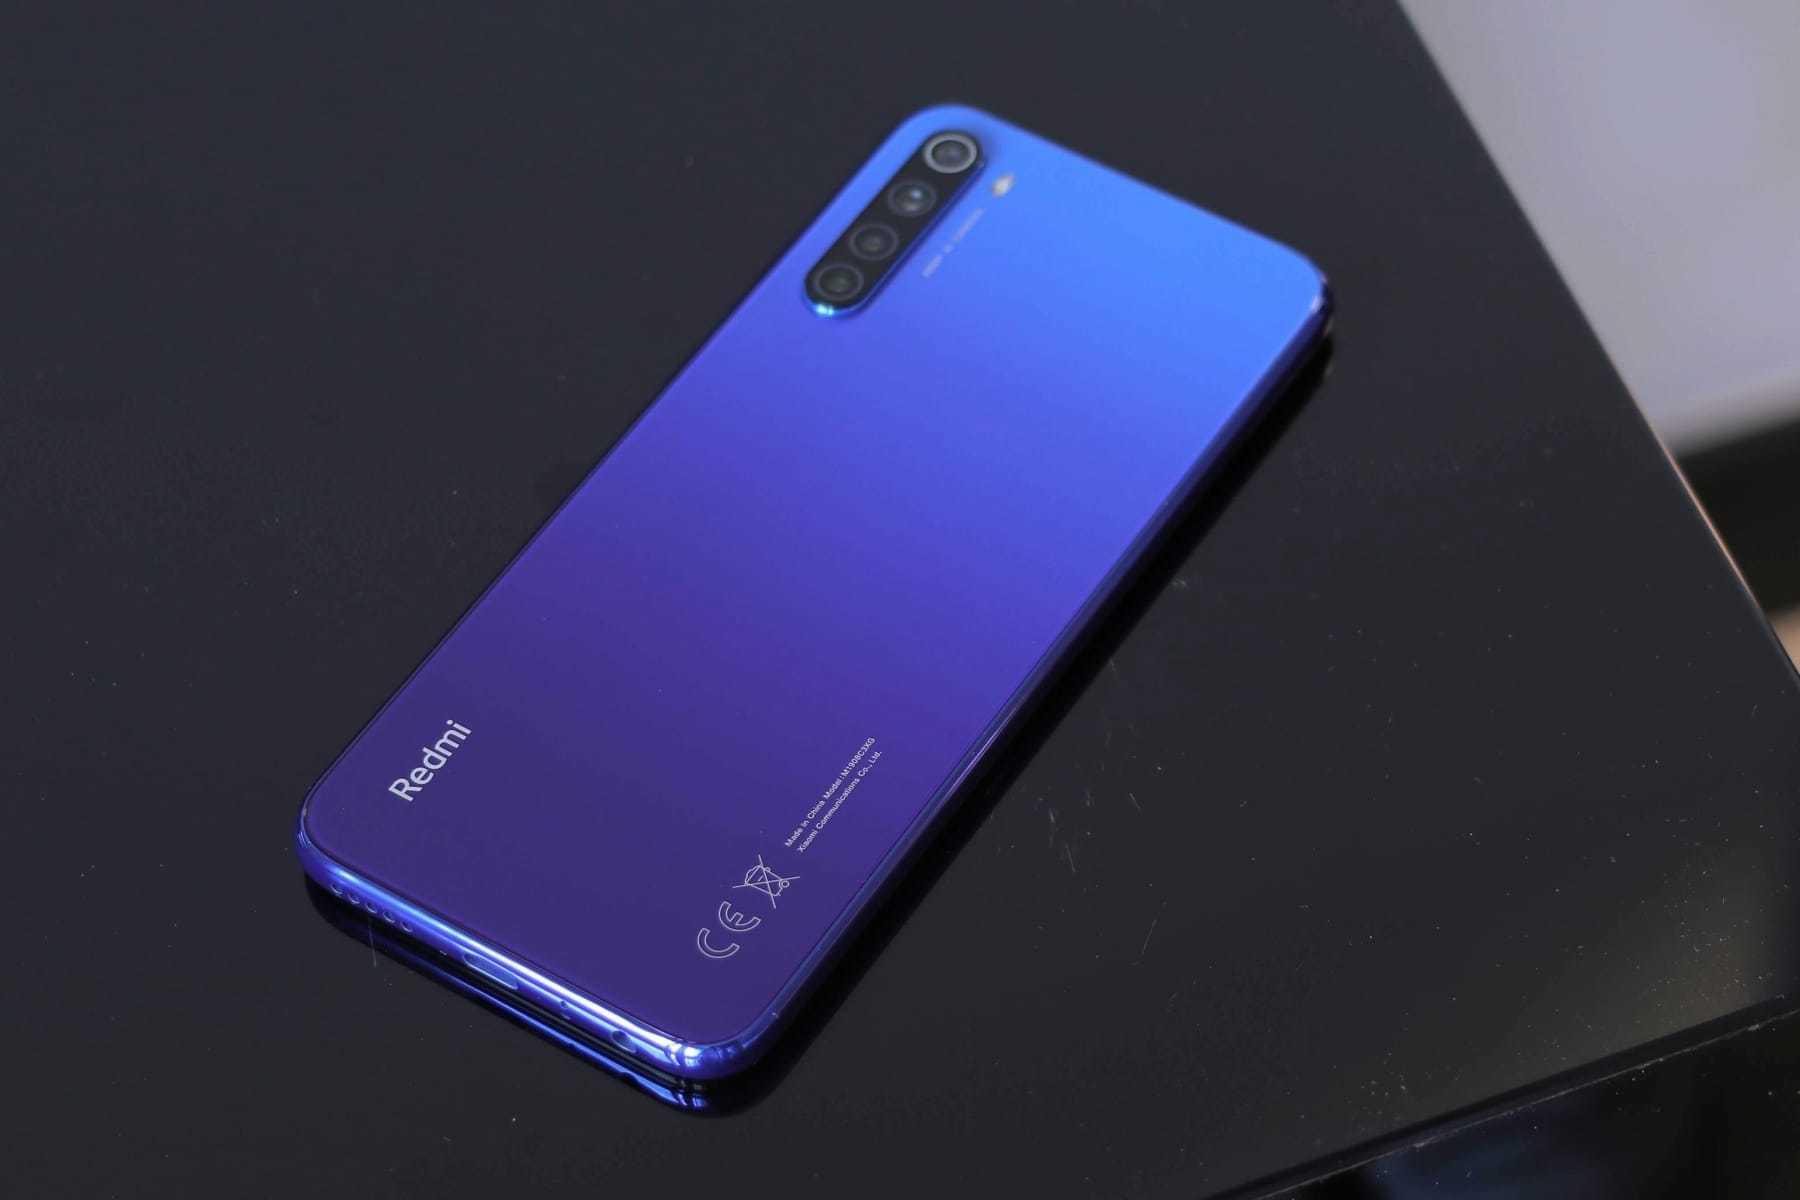 Стало известно, как может выглядеть грядущий недорогой смартфон Redmi